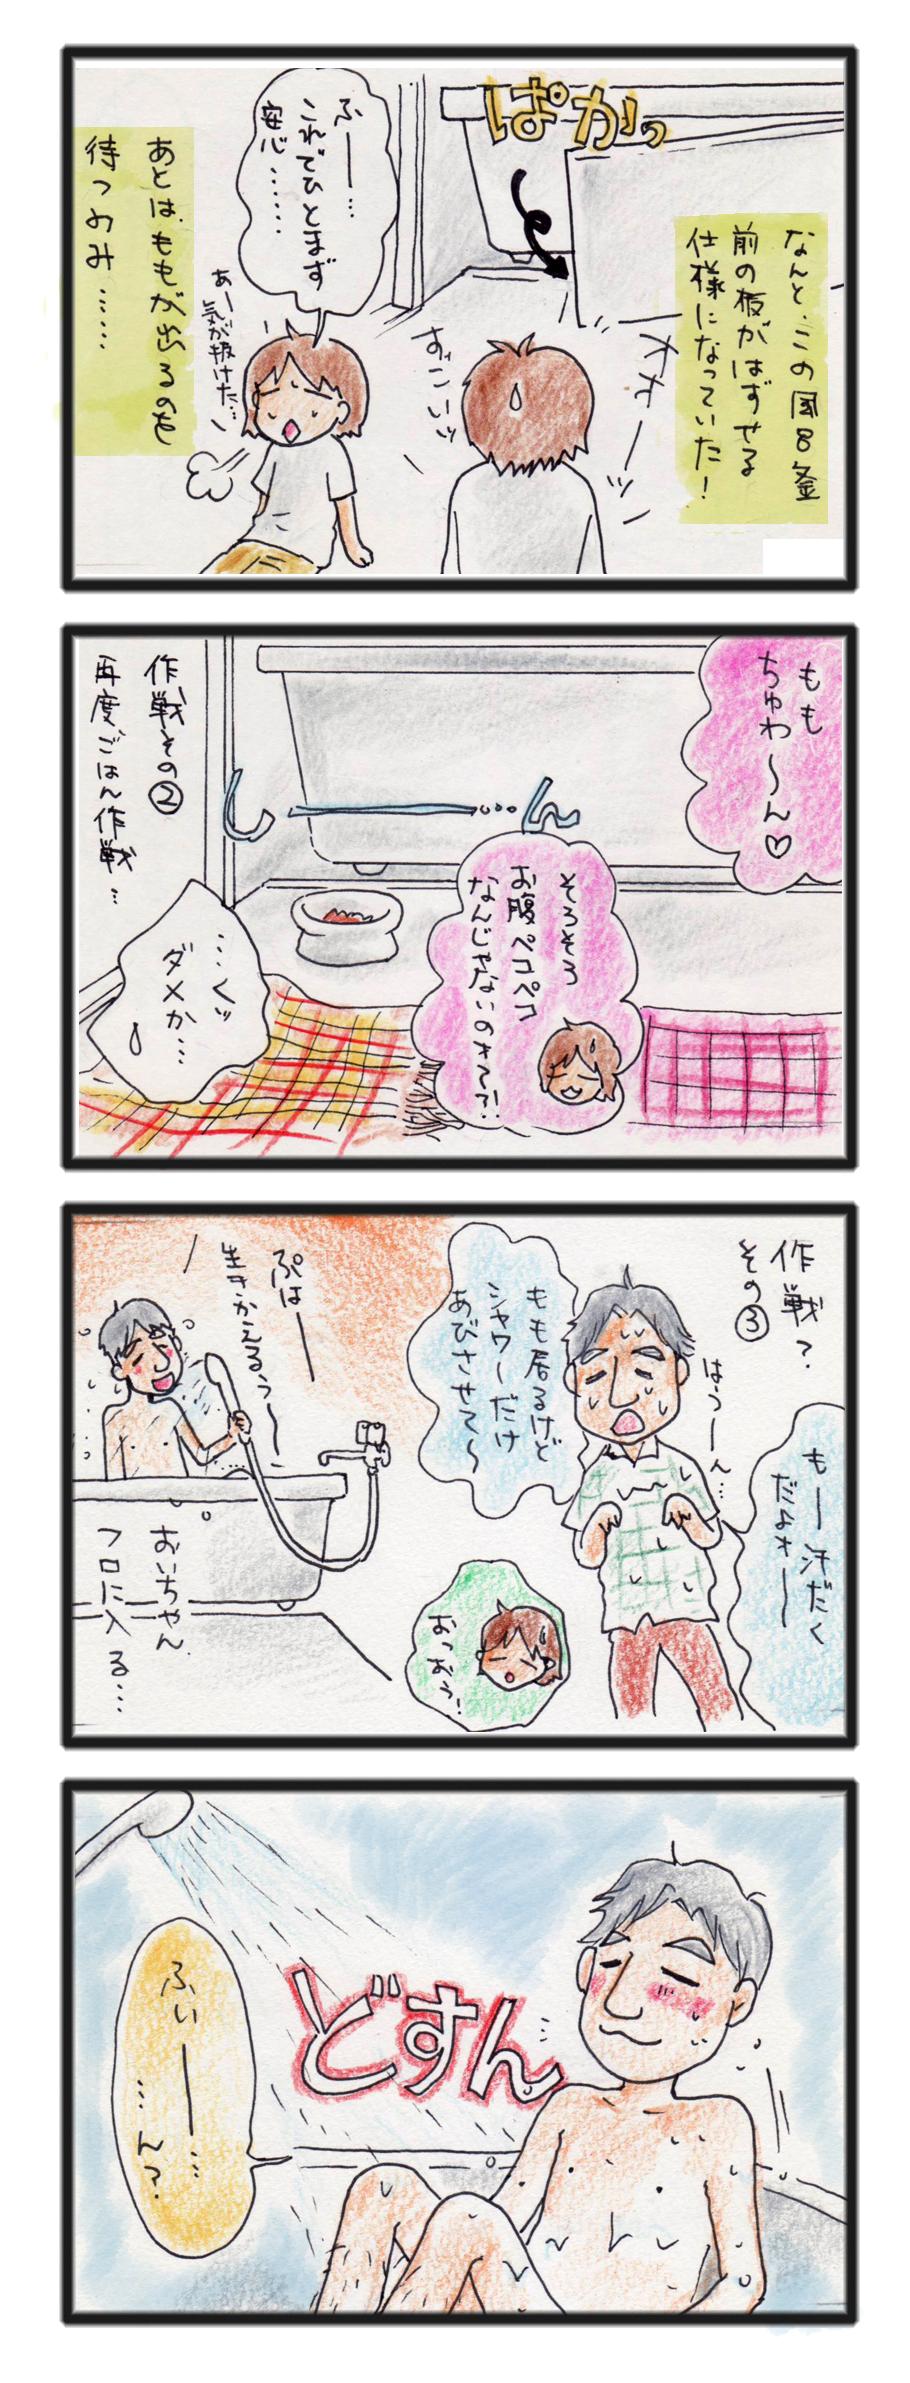 comic_4c_14093102.jpg